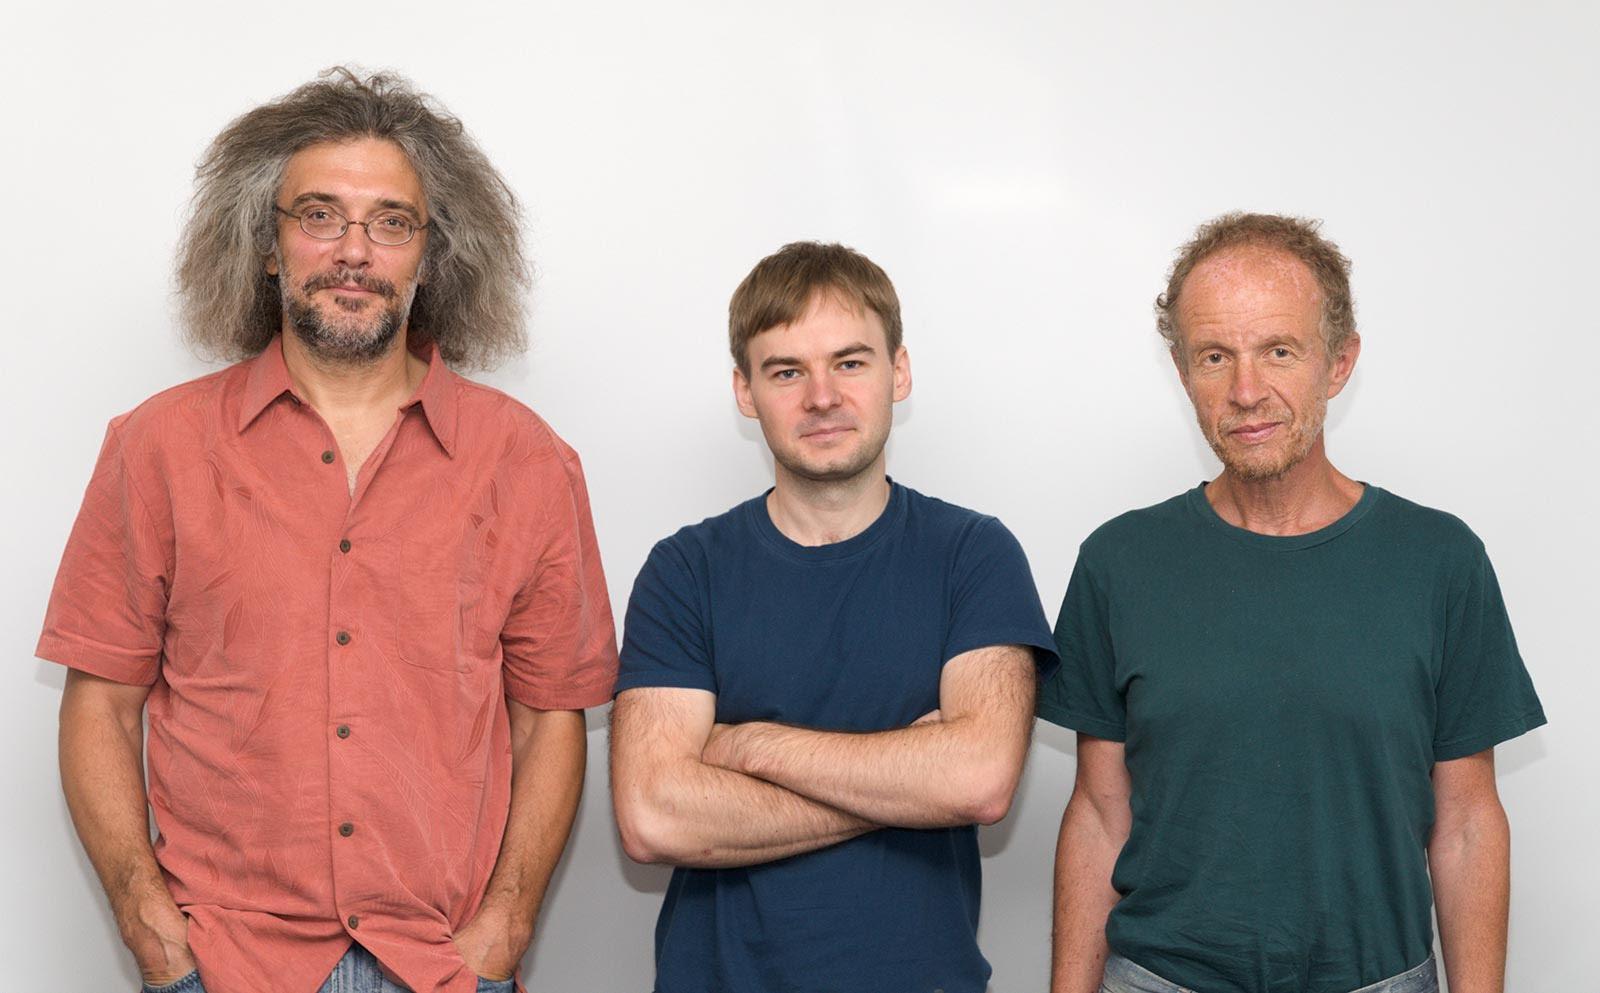 Сергей Шмаков (посередине) и его научные руководители Константин Северинов (слева) и Евгений Кунин (справа). Фото с сайта Сколтеха